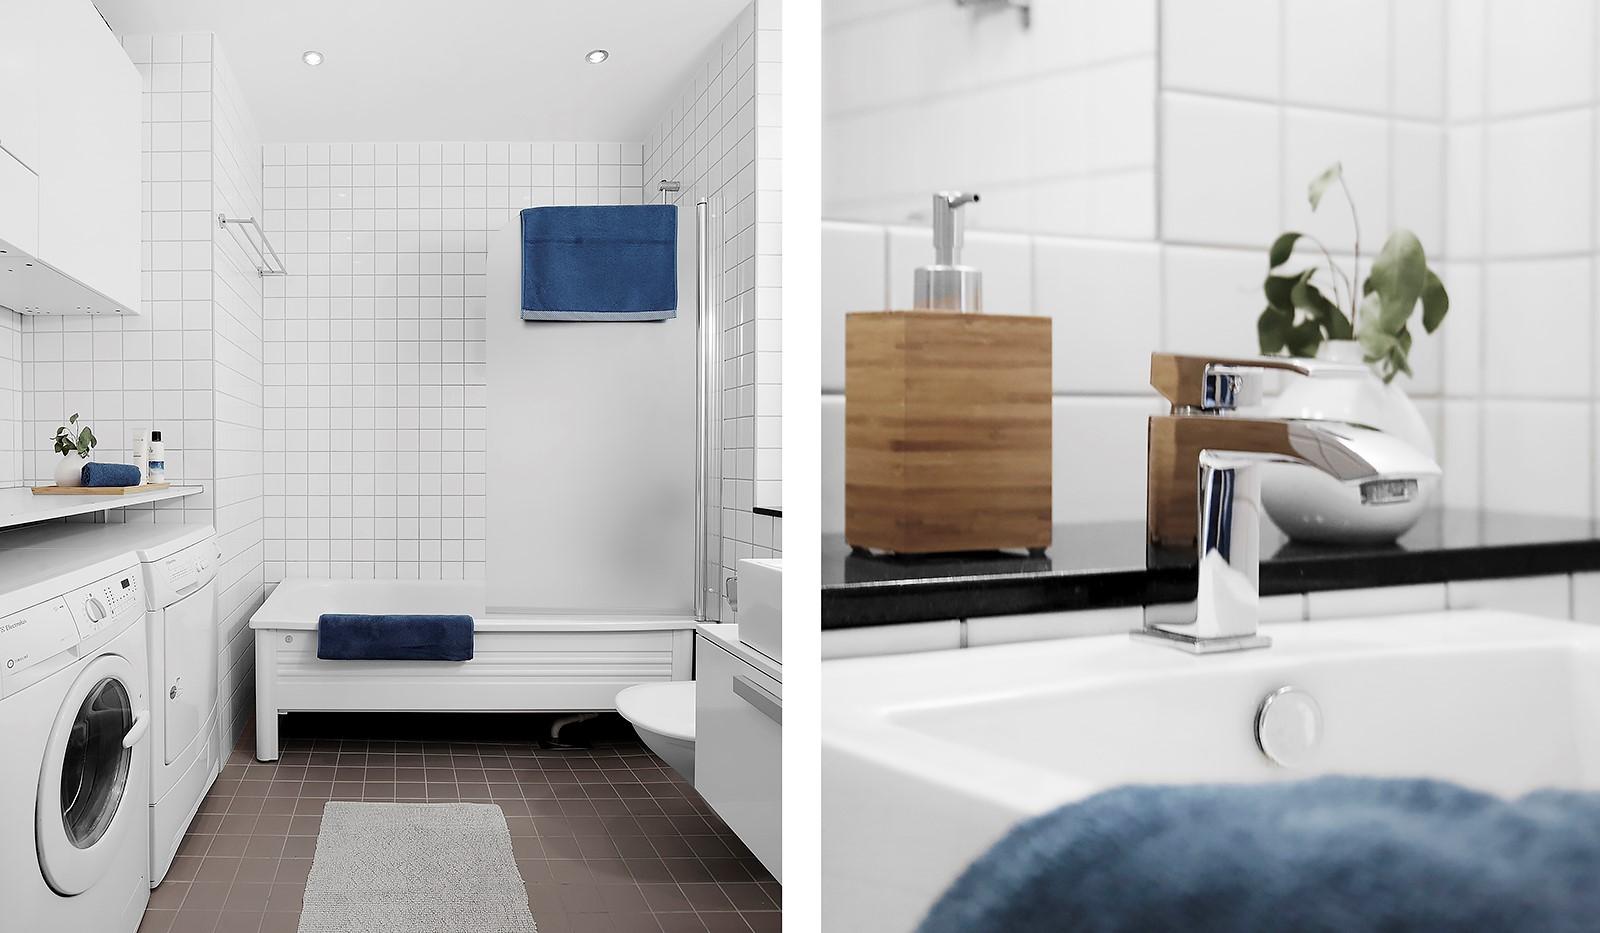 Korphoppsgatan 20 - Fräscht och rymligt badrum